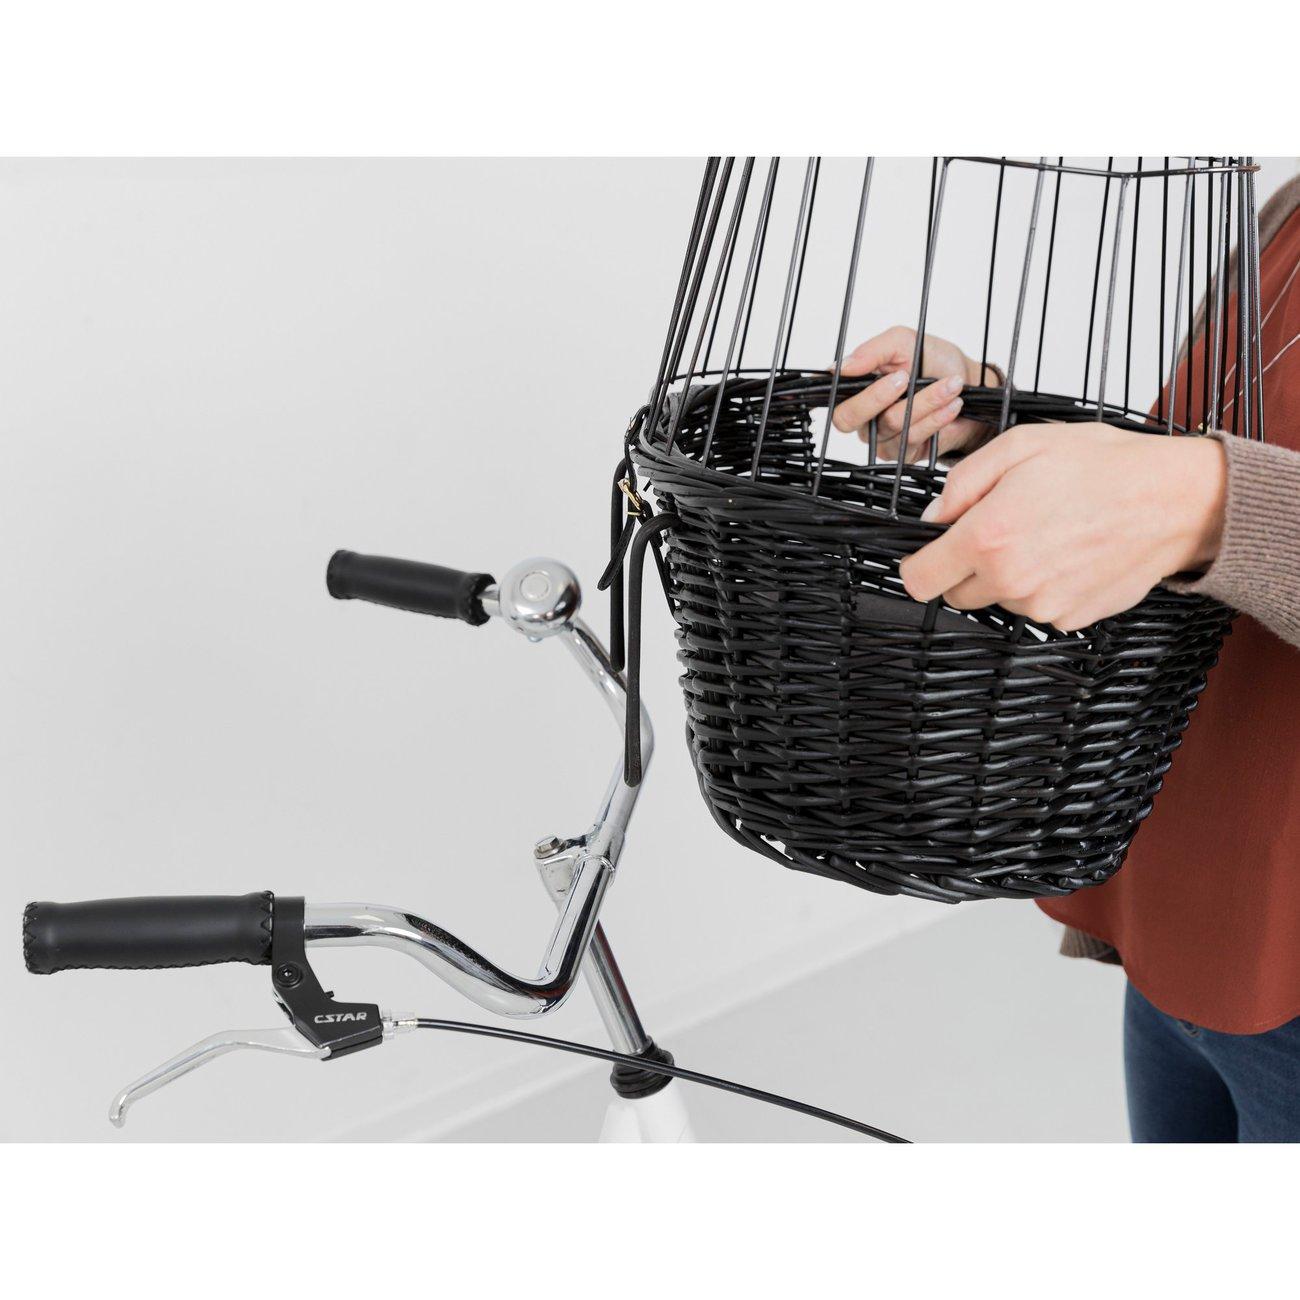 TRIXIE Fahrradkorb mit Gitter, schwarz 2818, Bild 8